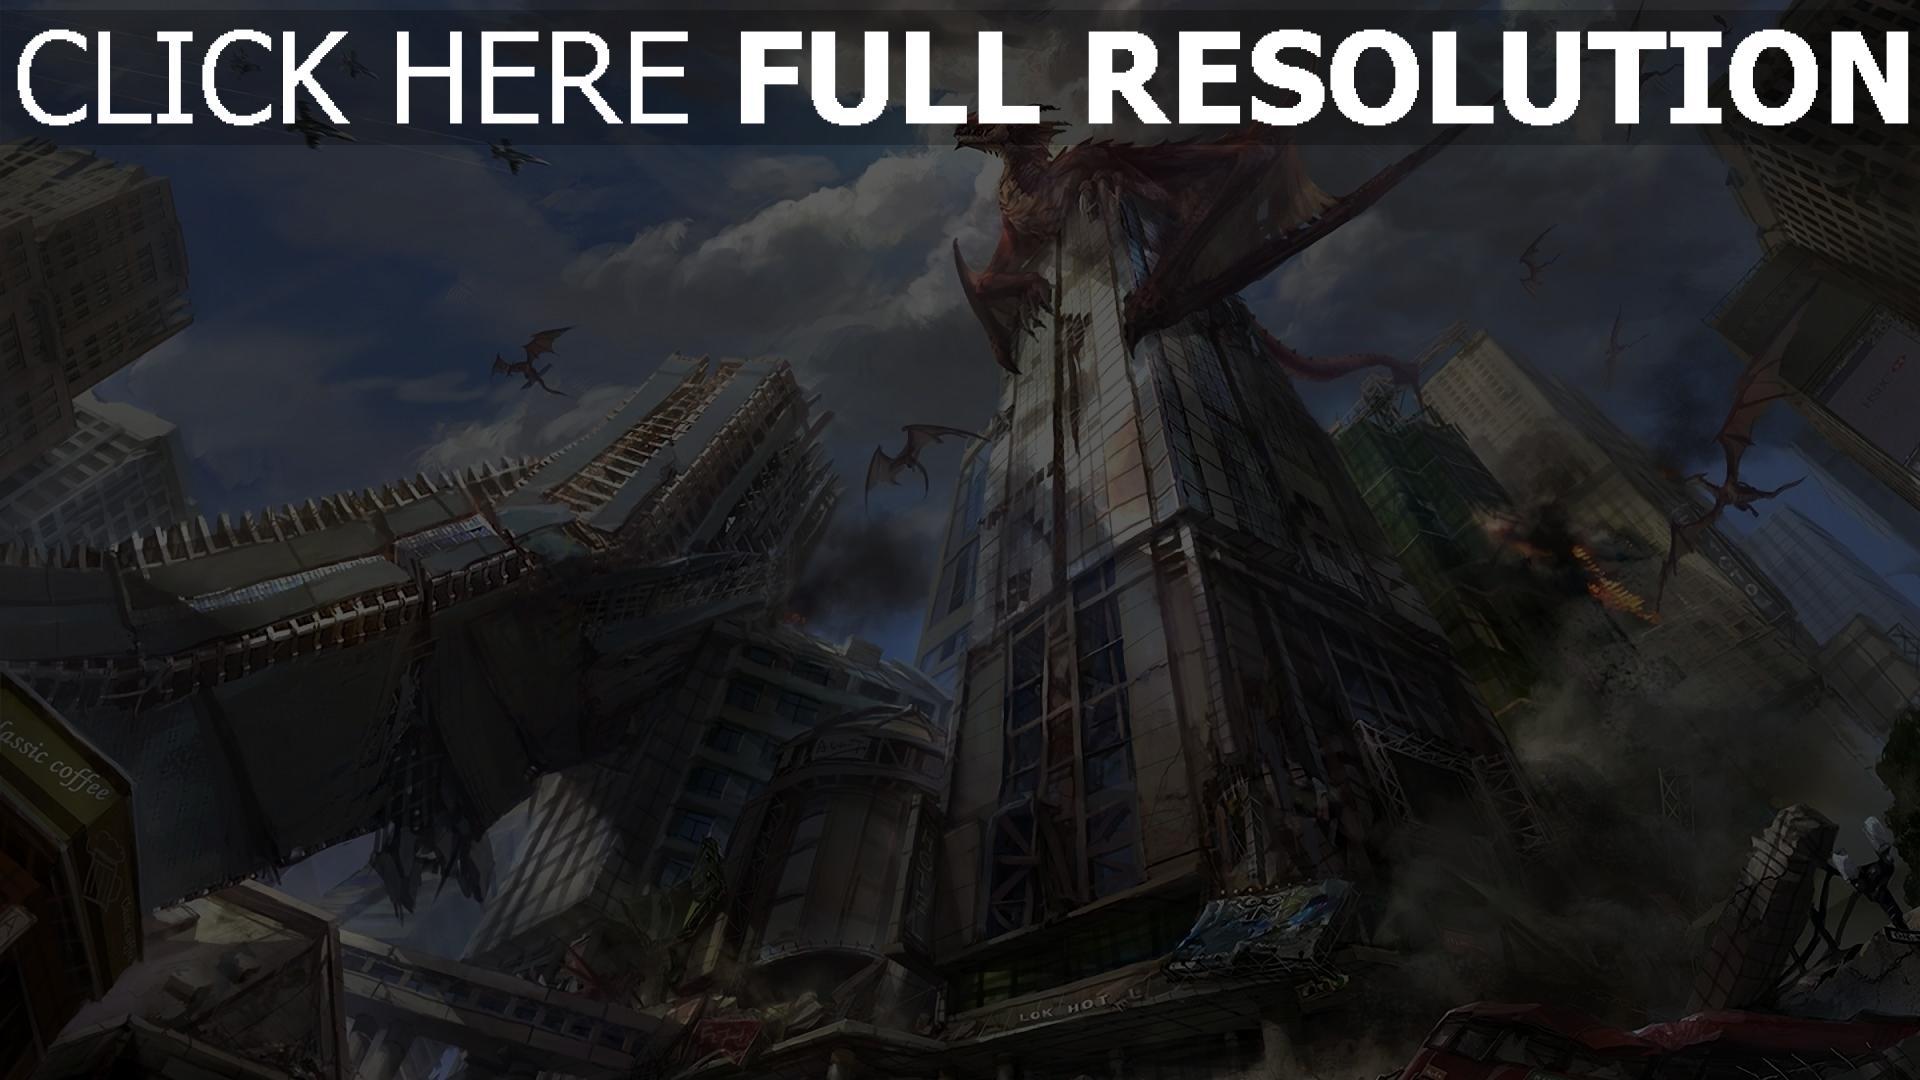 hd hintergrundbilder drachen wolkenkratzer zerstörung stadt 1920x1080